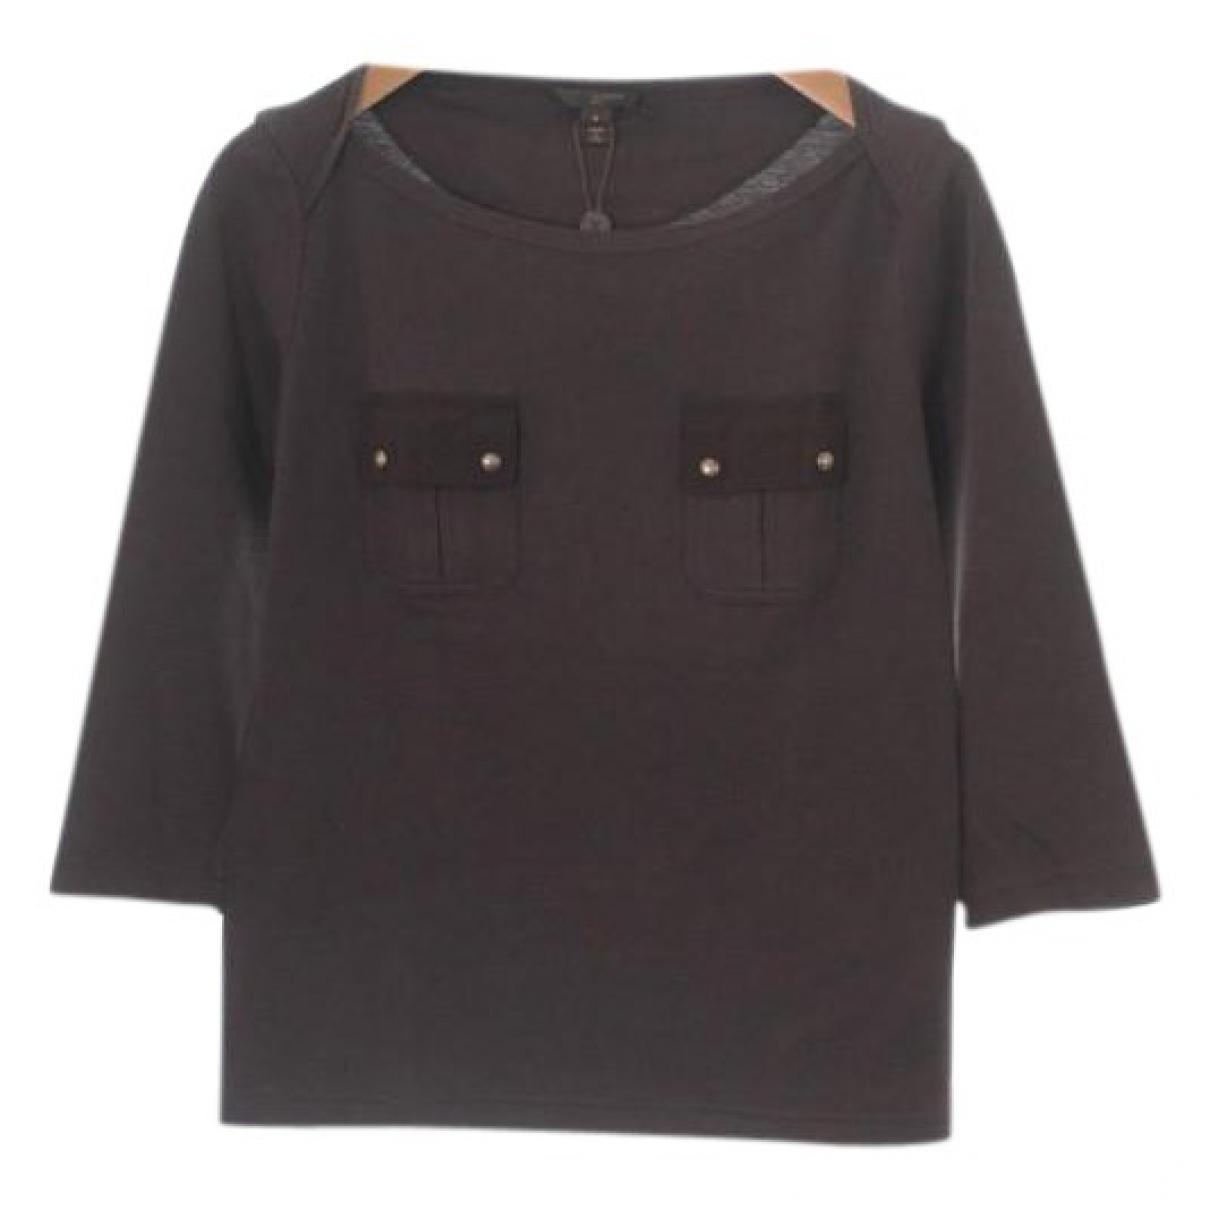 Louis Vuitton - Top   pour femme en coton - marron